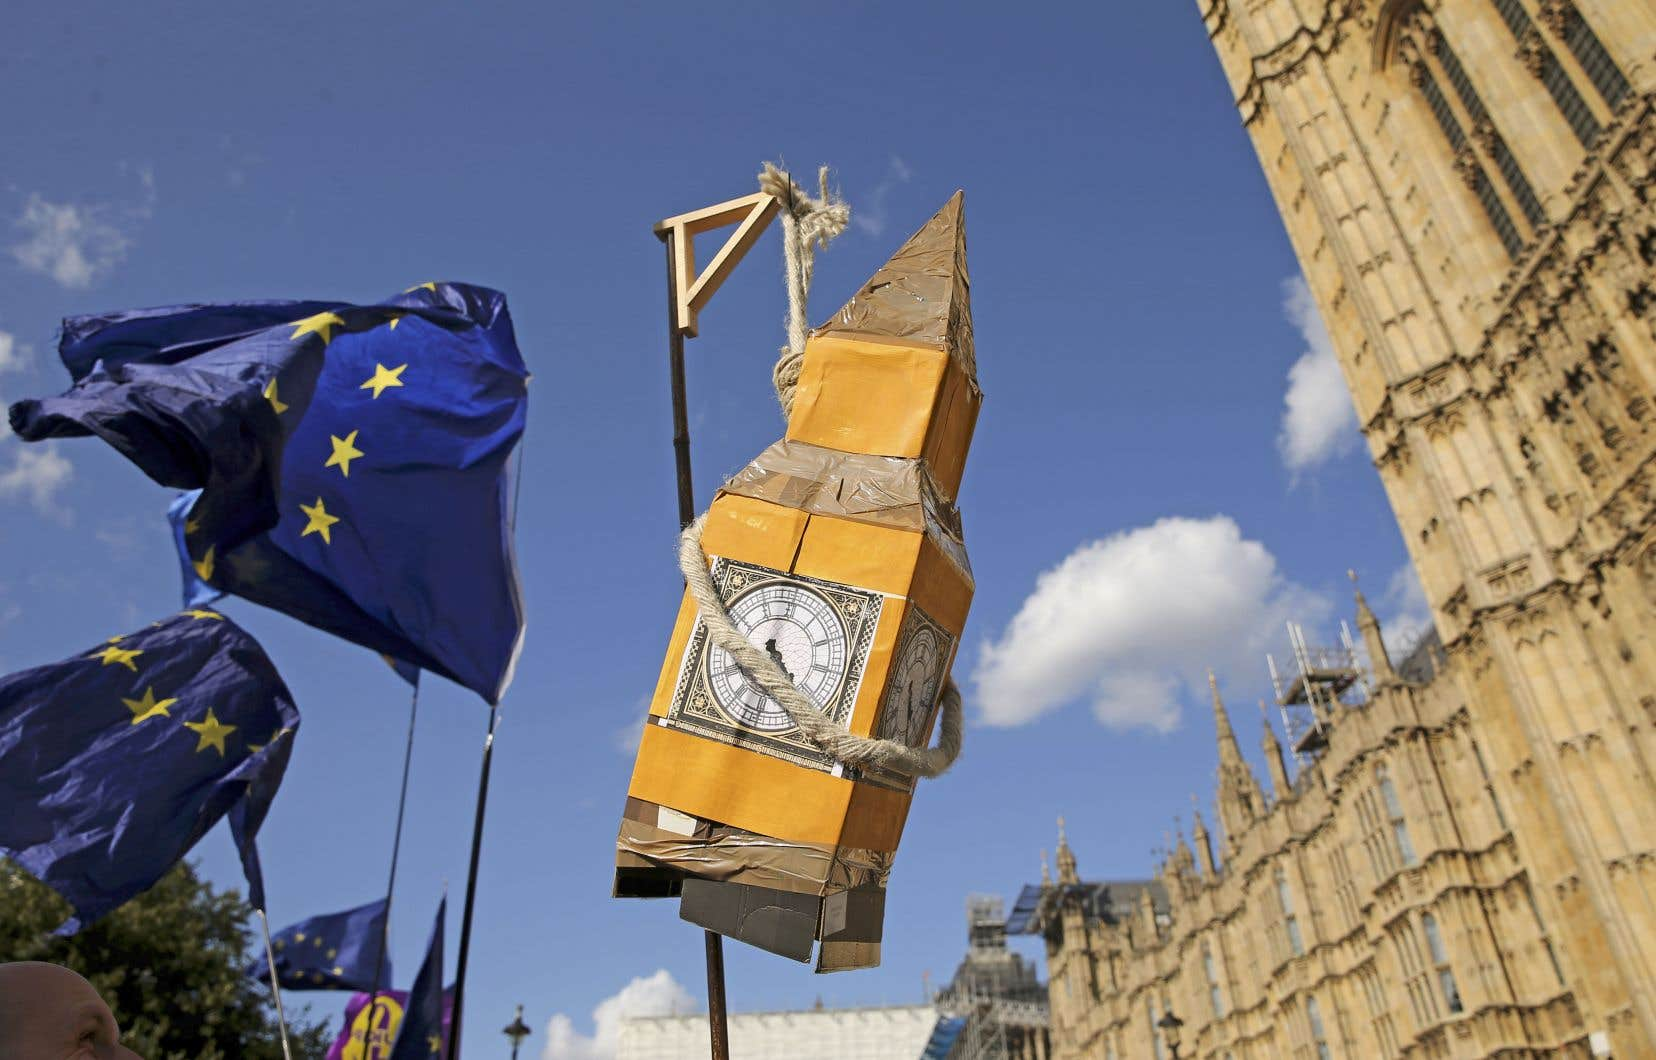 Cela ne fait plus de doute. Il y aura des élections précipitées au Royaume-Uni. Mais toute la question est de savoir quand.